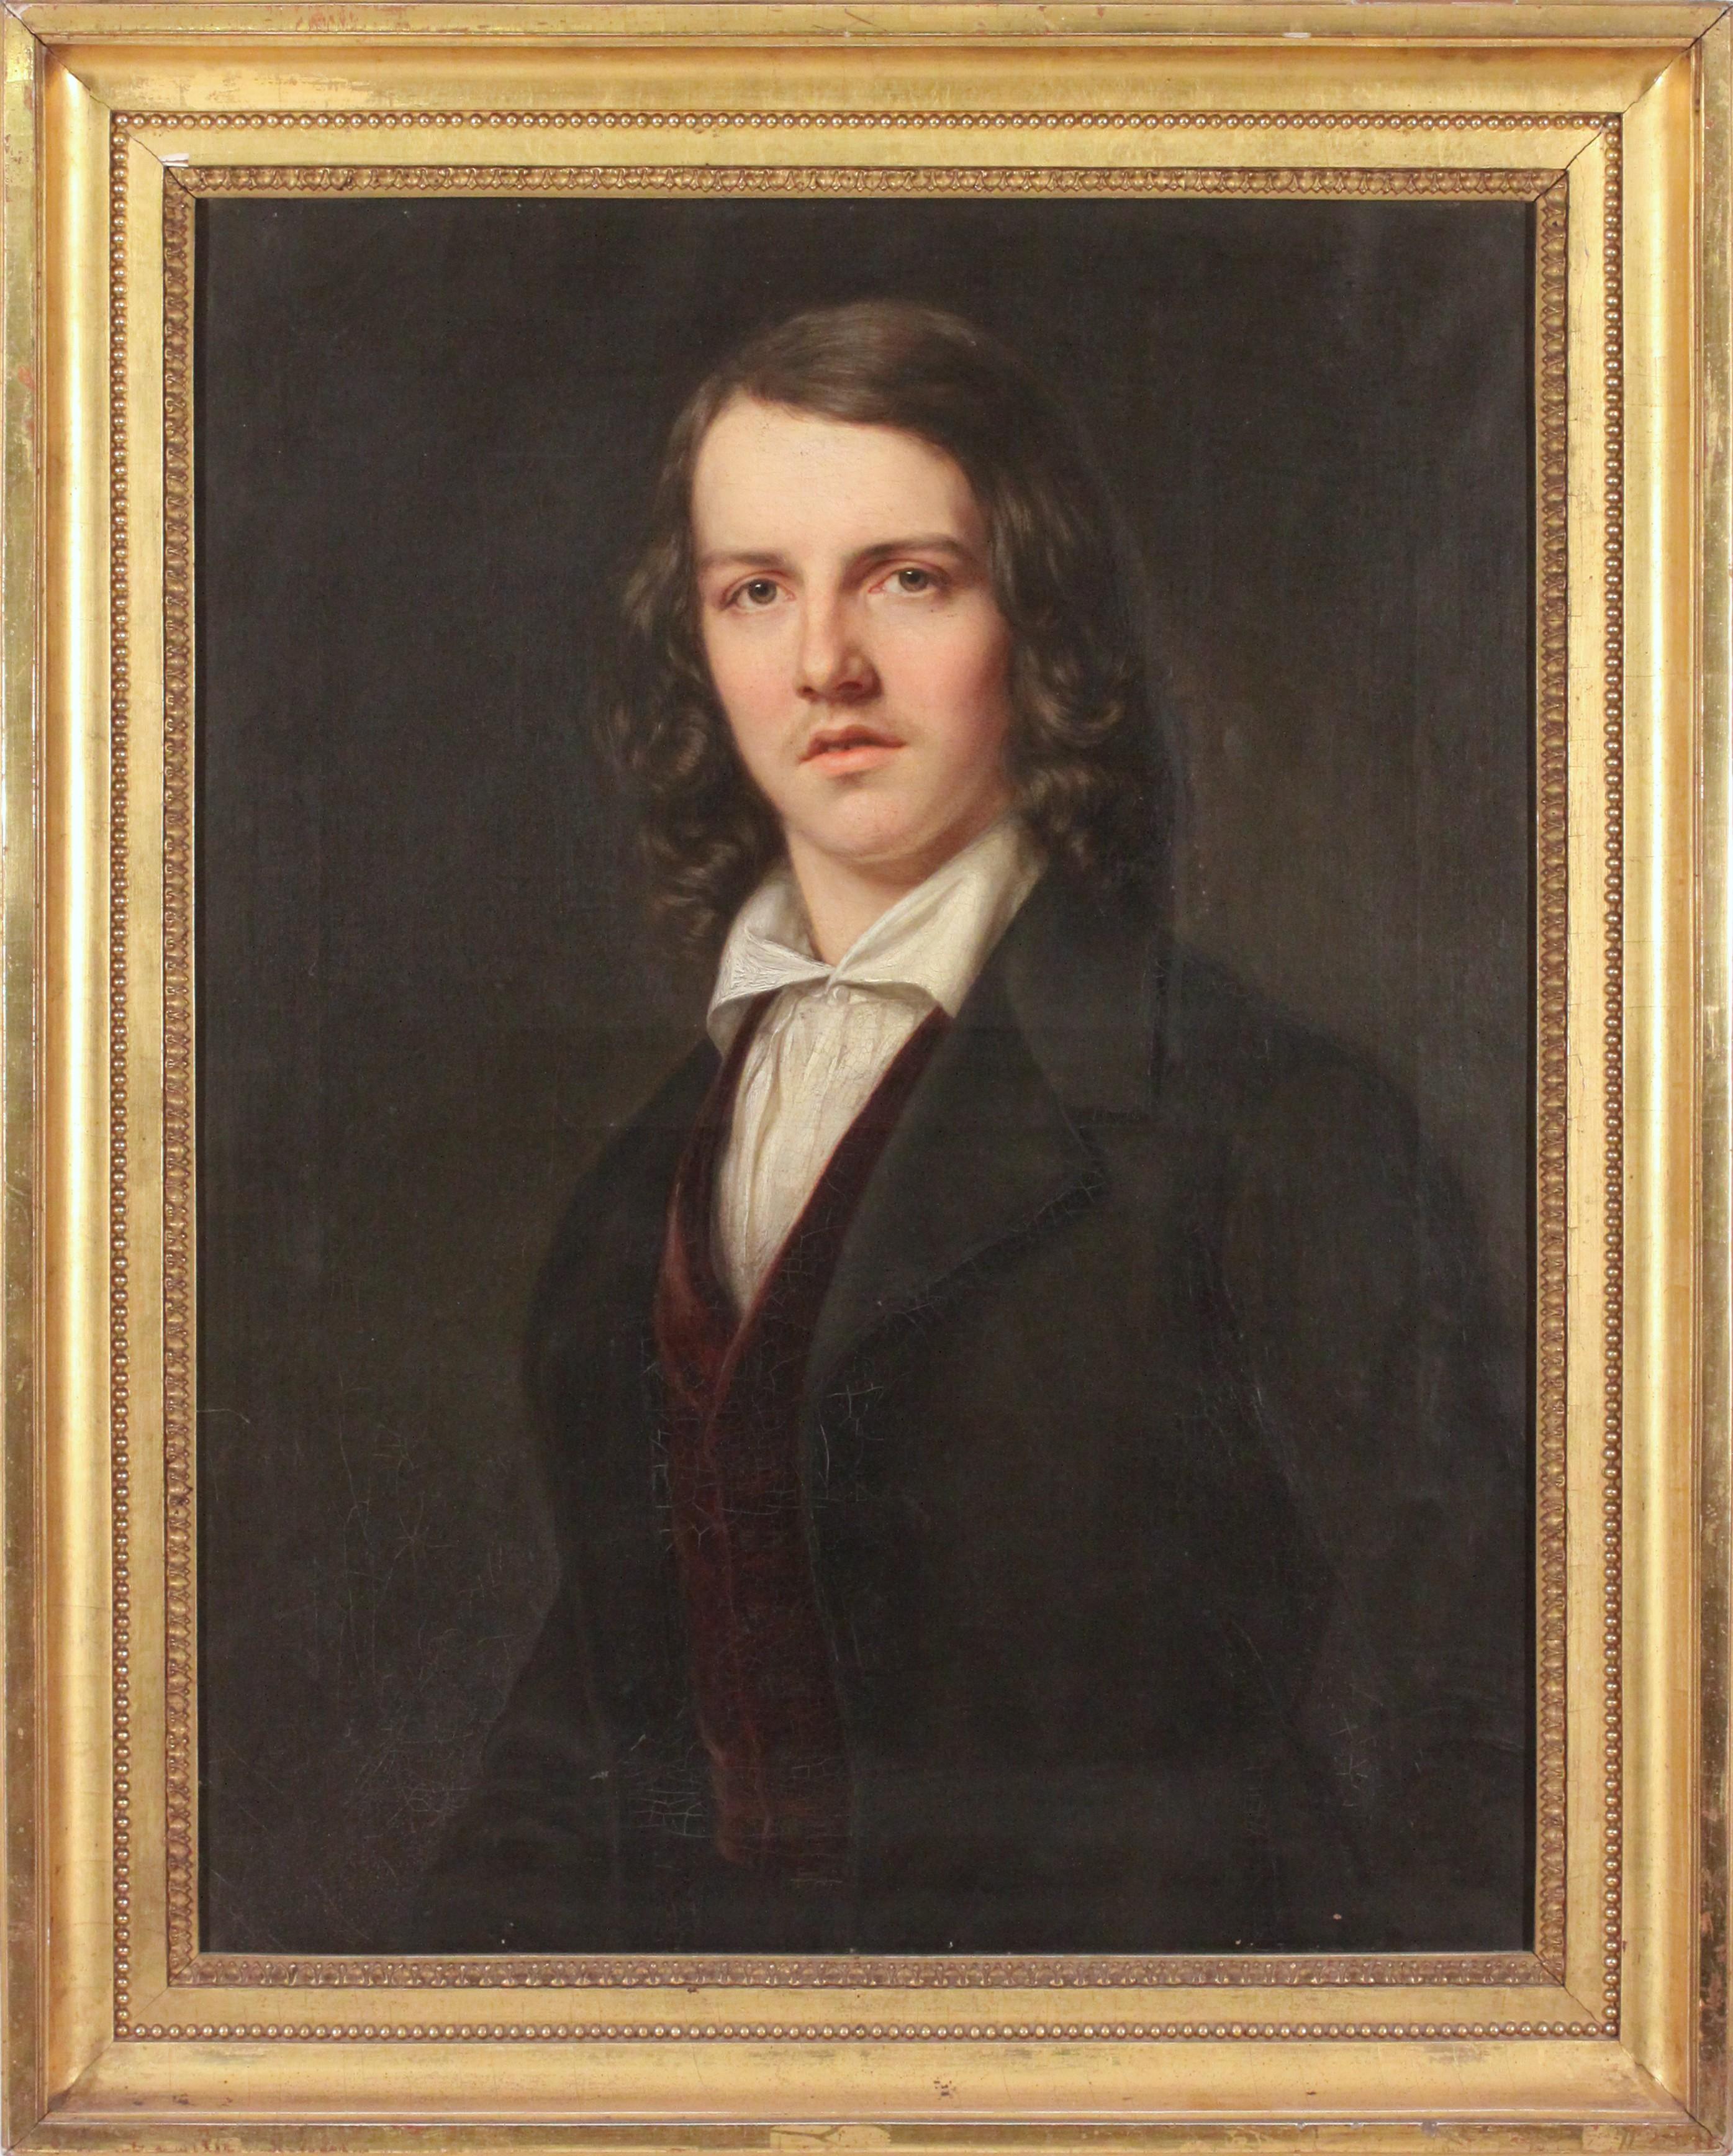 Konrad Maurer mit 19 Jahren - 1842